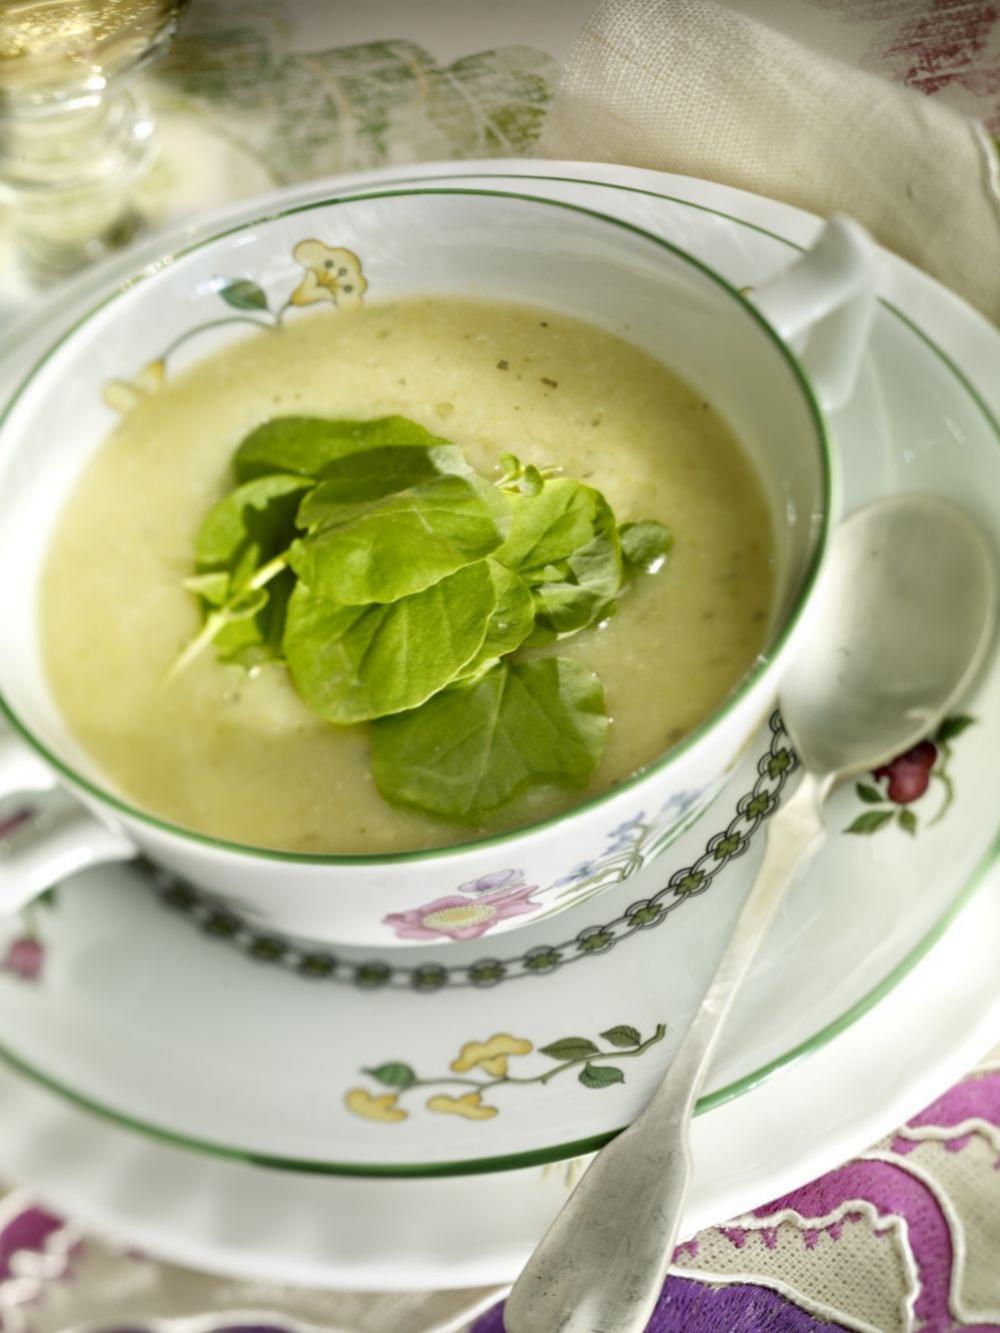 Las verduras se digieren mejor en forma de crema o puré.